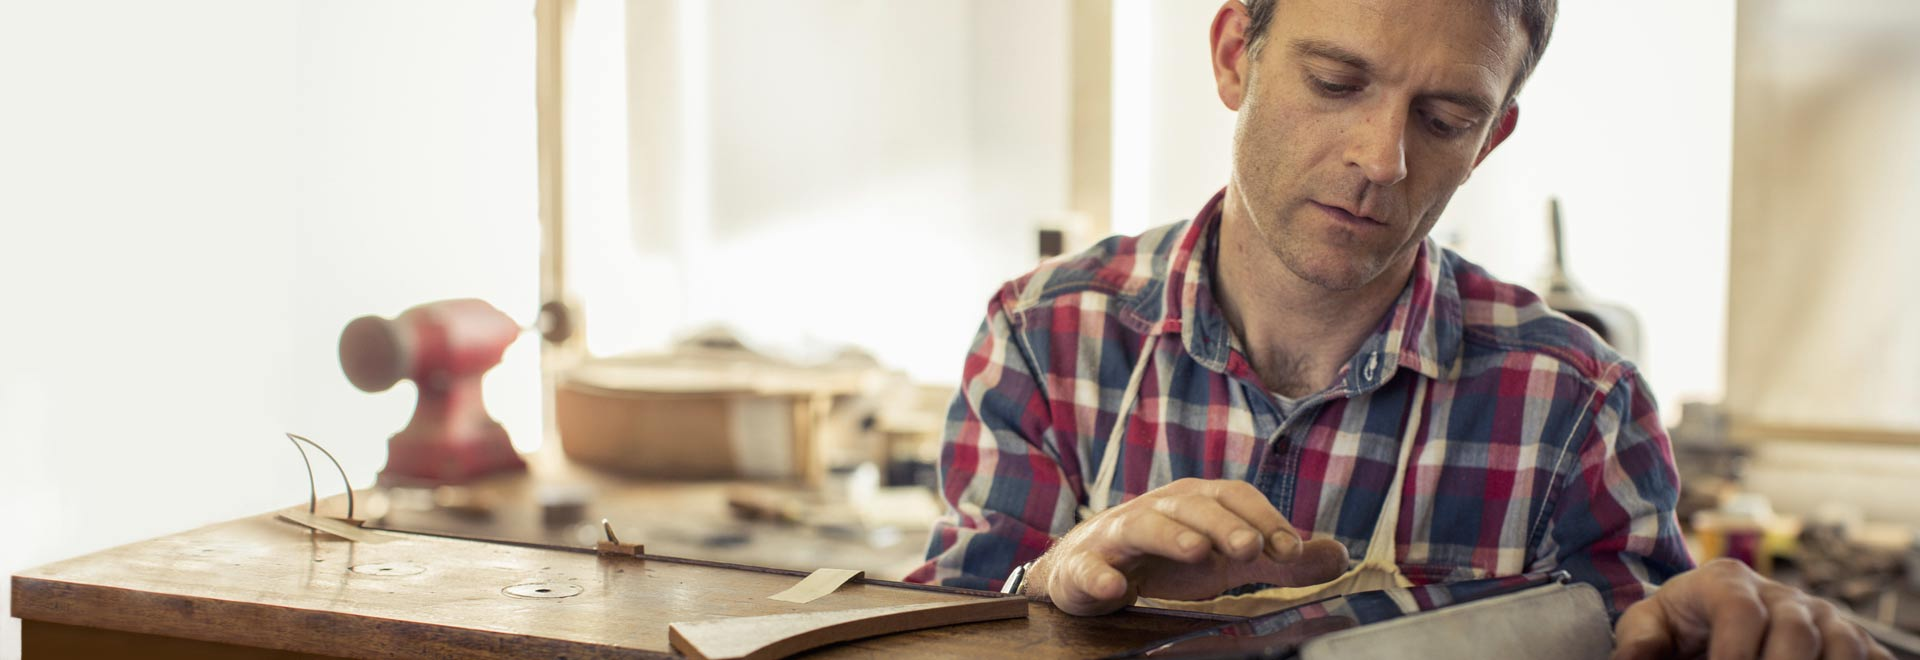 Afbeelding van een man die in een werkplaats Office 365 Business gebruikt op een tablet